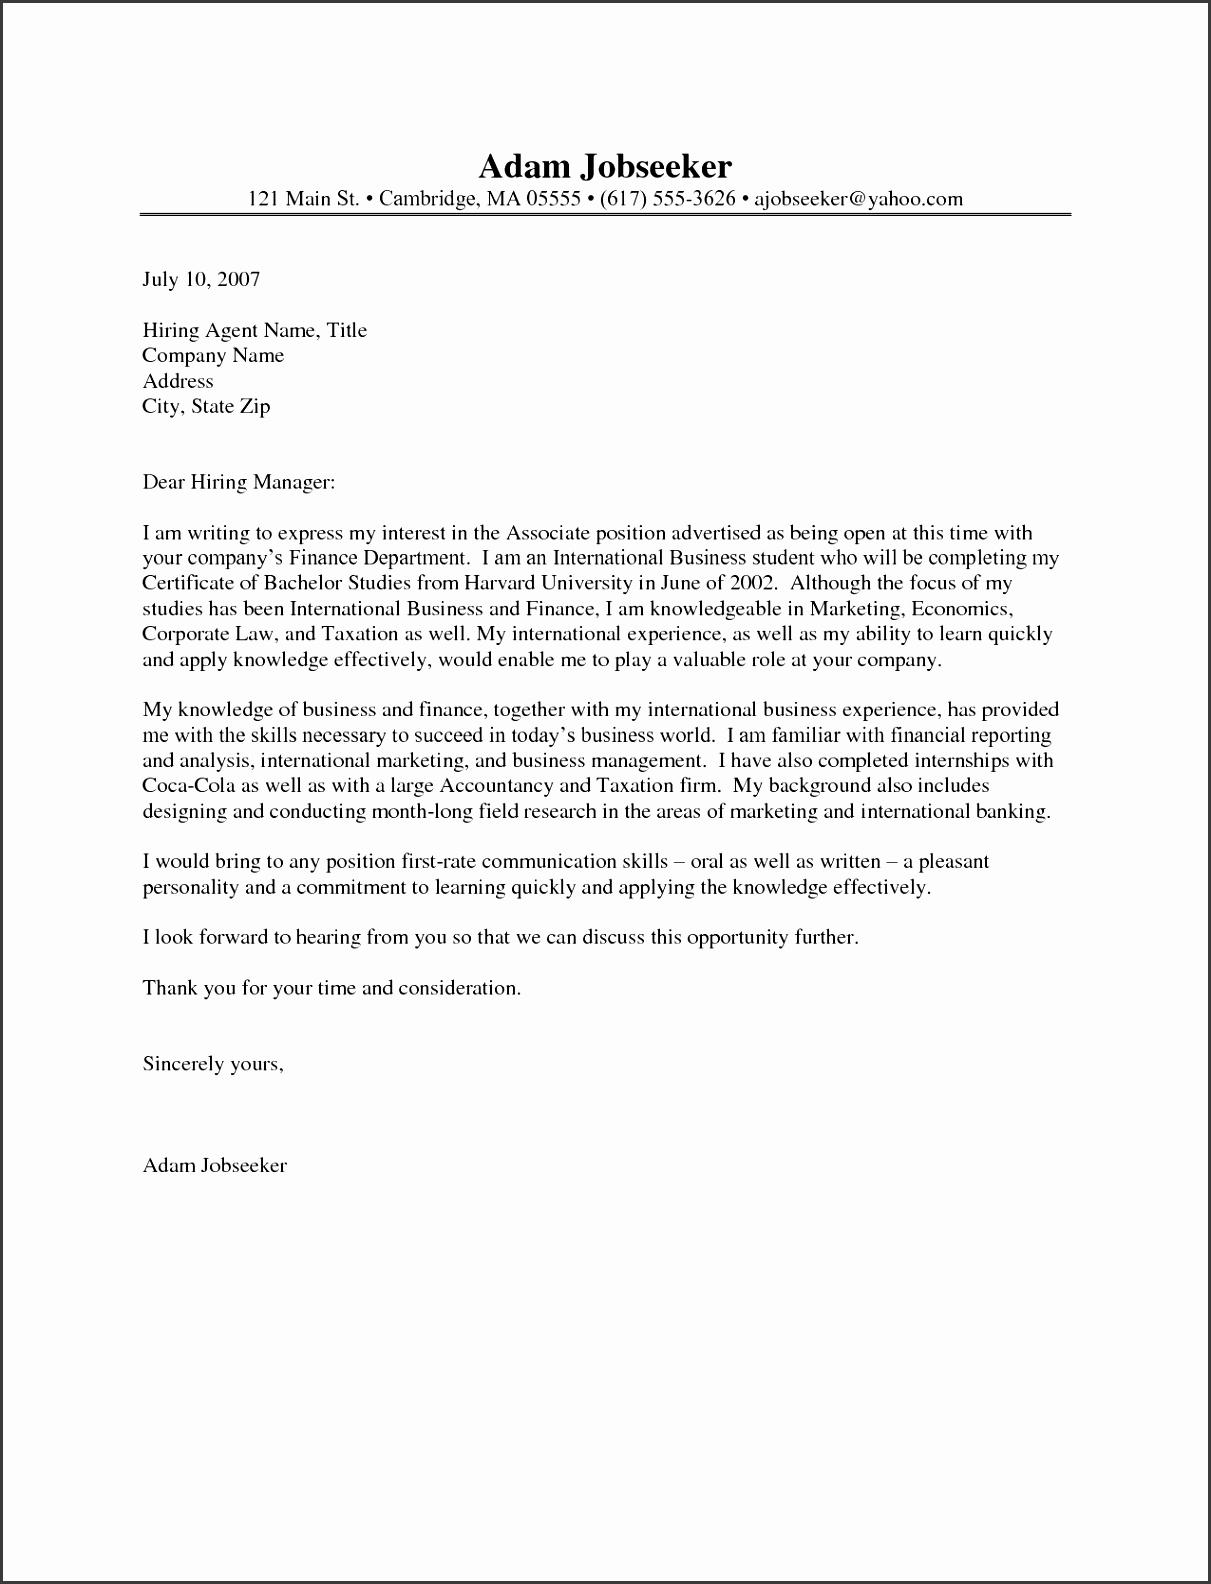 Cover Letter For Internship Resume Cover Letter Internship inside Internship Cover Letter Template 6596